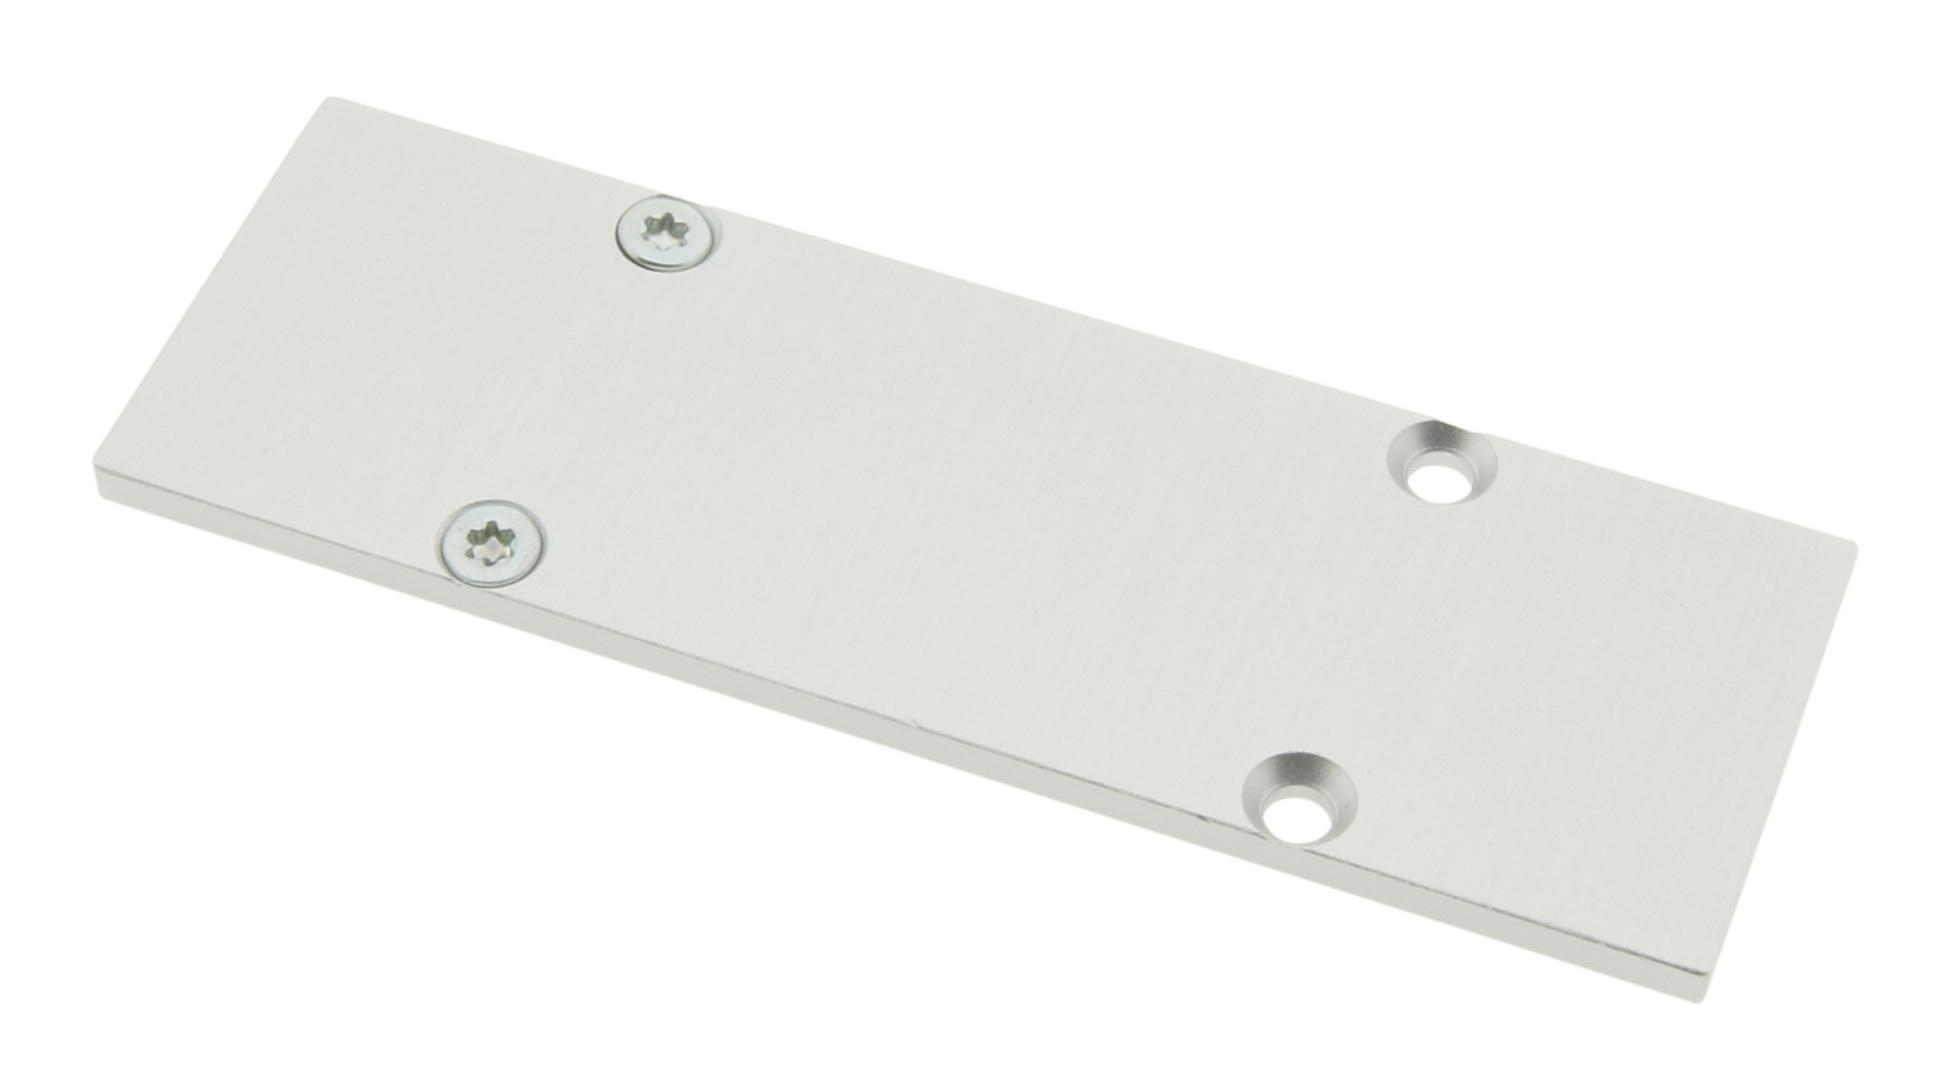 1 Stk Profil Endkappe TBW Flach geschlossen LIEK002500